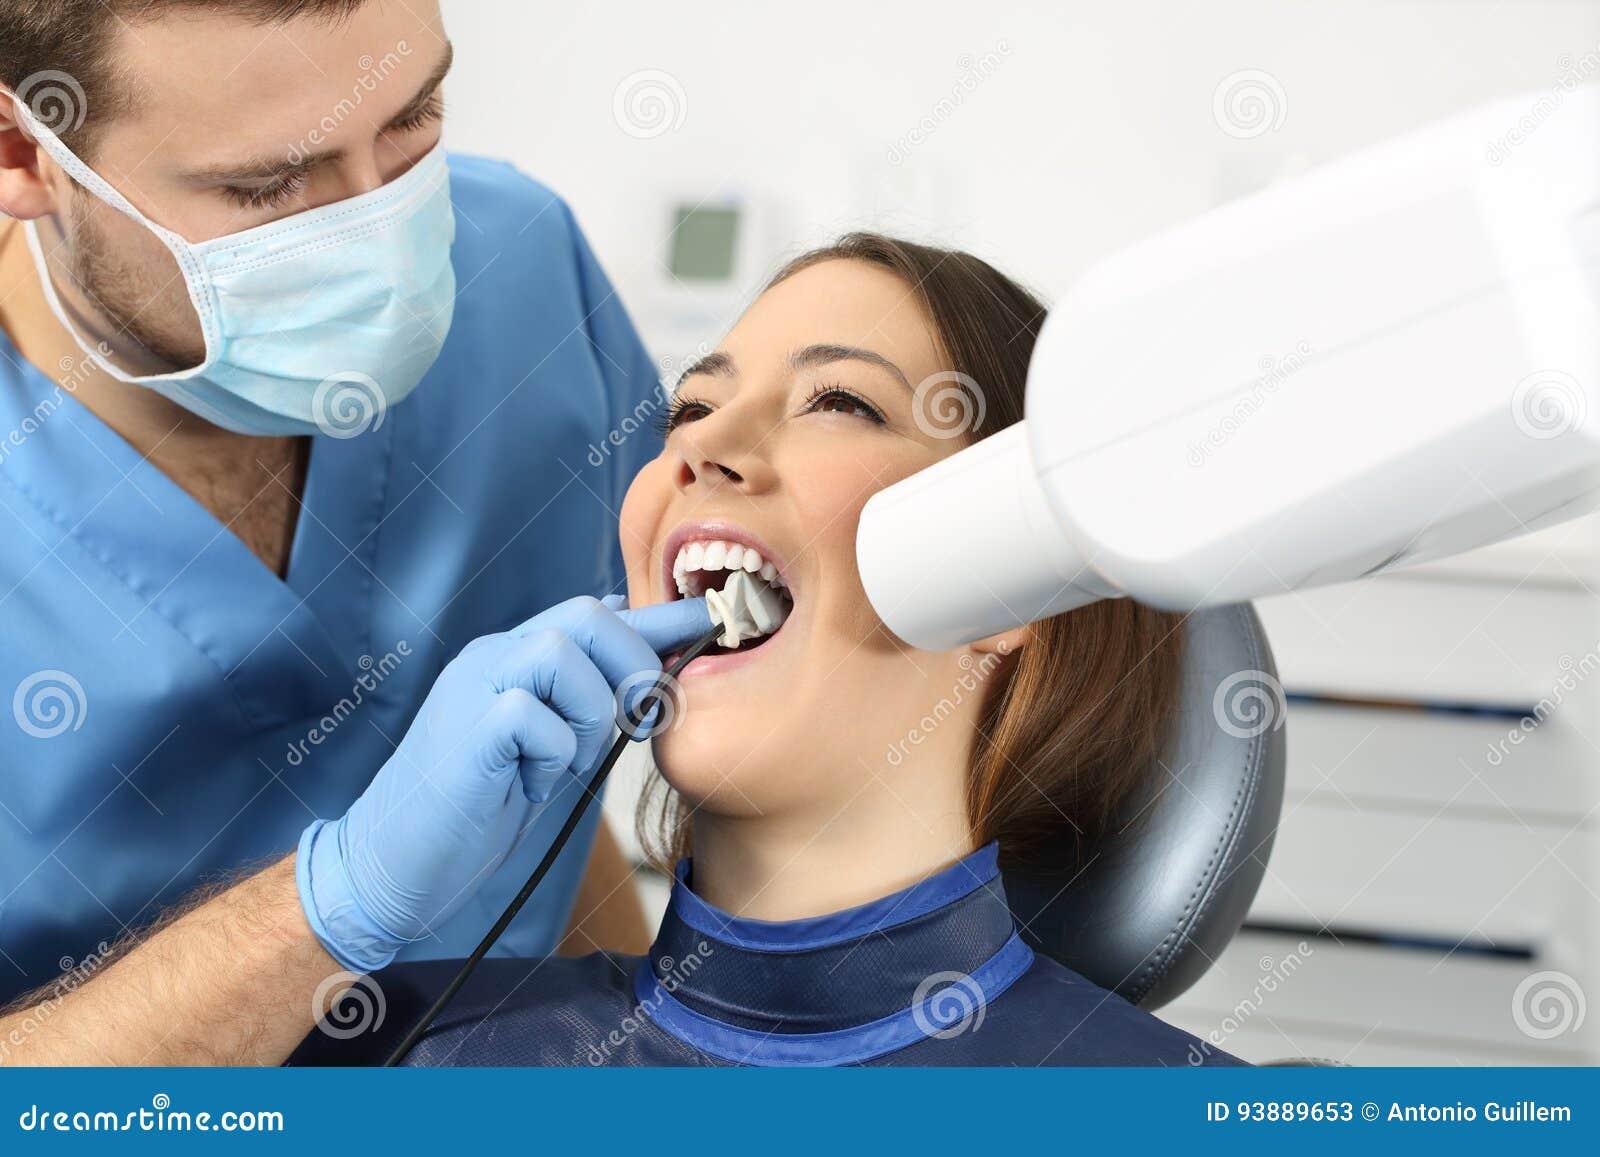 Dentiste prenant une radiographie de dents